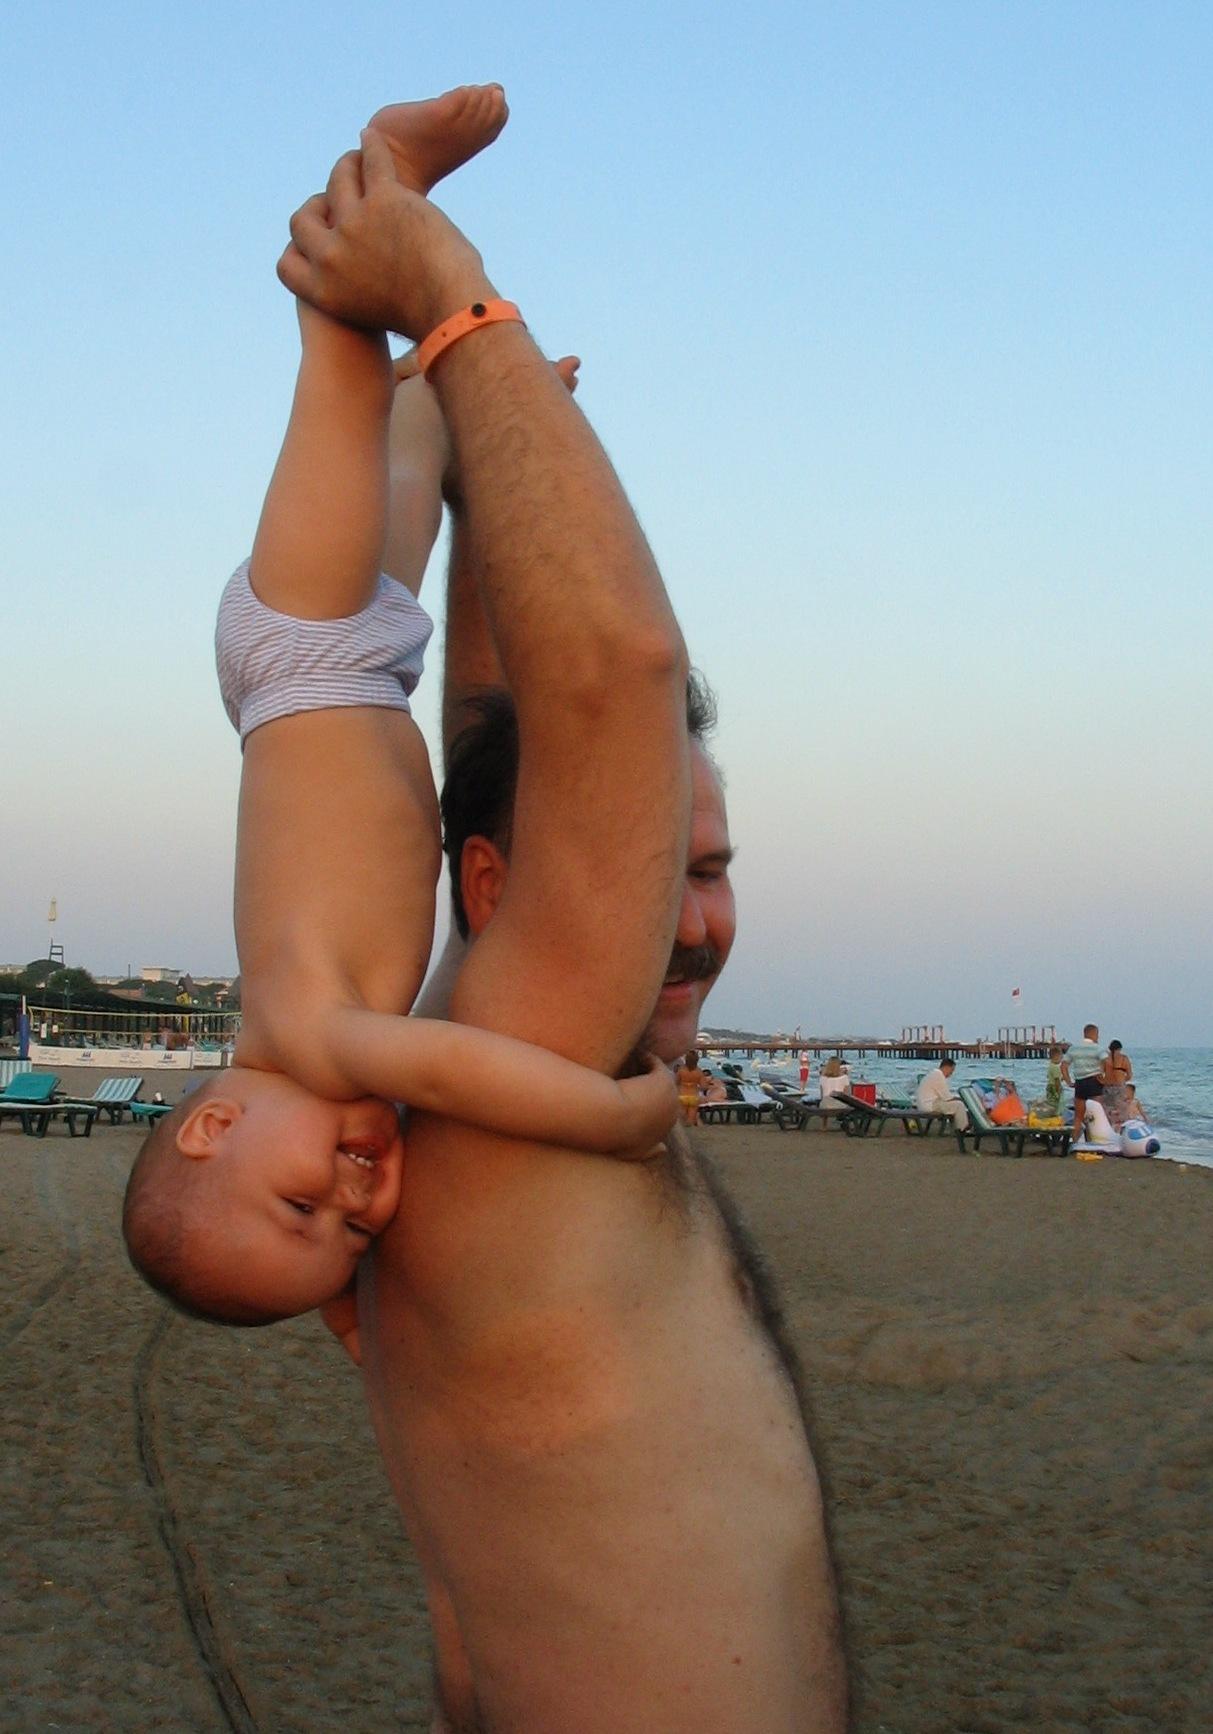 Физкульт-УРА! :-) Зарядка с папой на берегу моря.. Малыши-крепыши